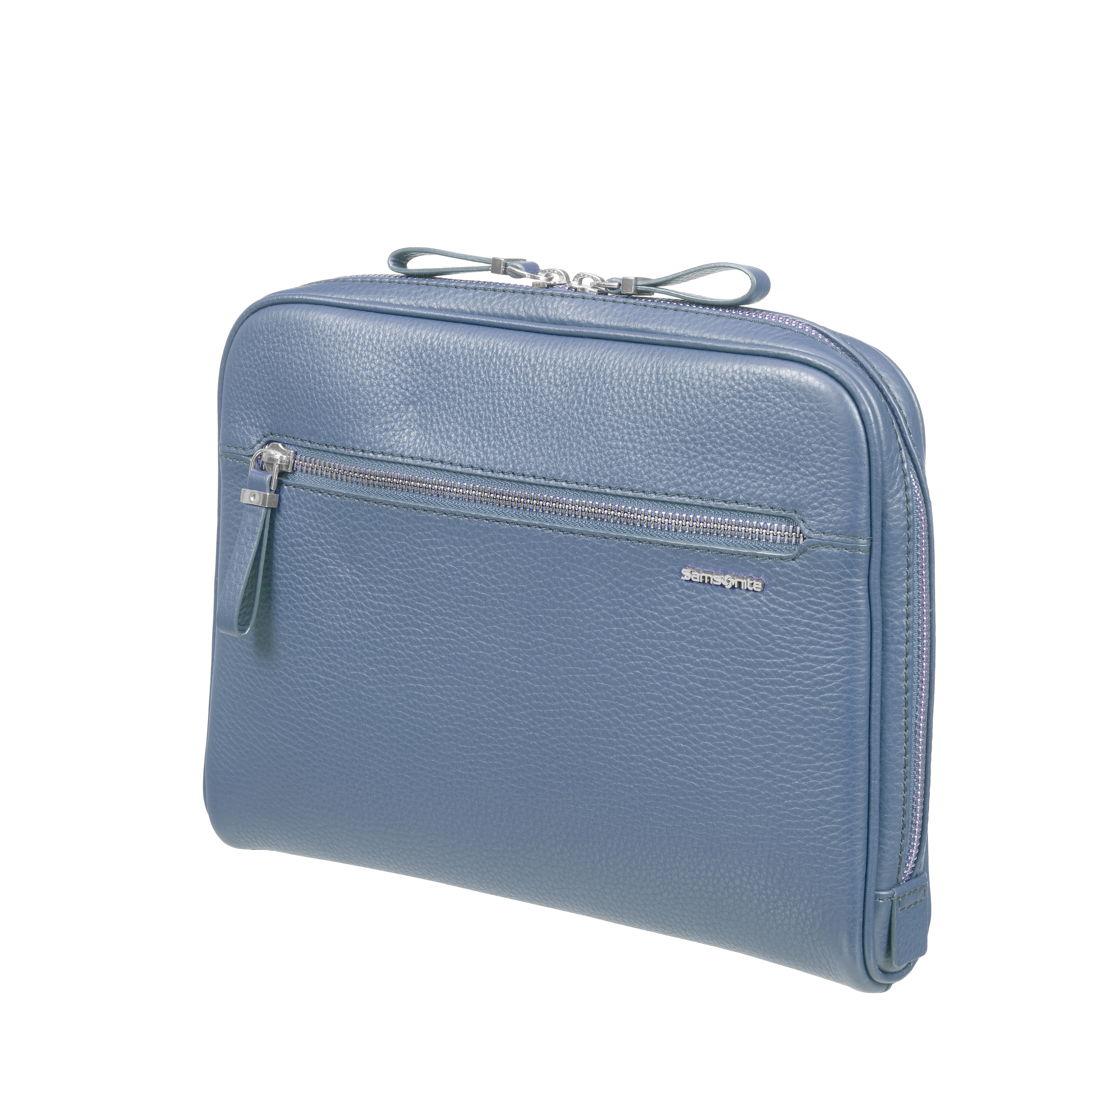 La housse pour tablette - dusty blue - 169 €